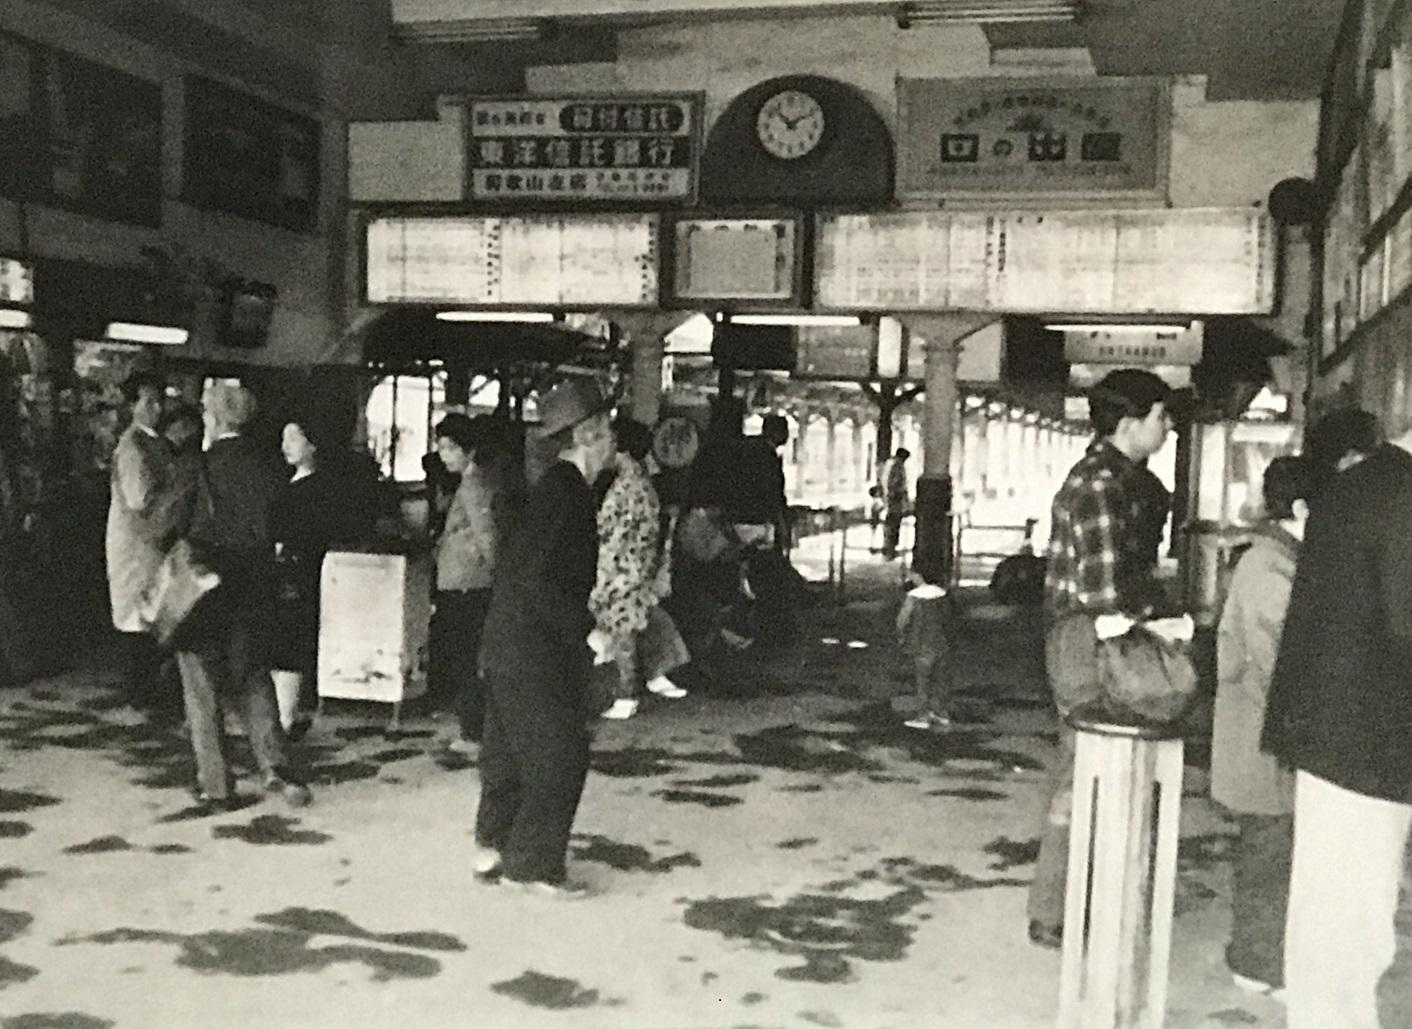 1966東和歌山駅構内(旧阪和電鉄側)。右側に切符売り場、左側には売店。奥が改札、その先に阪和線ホーム